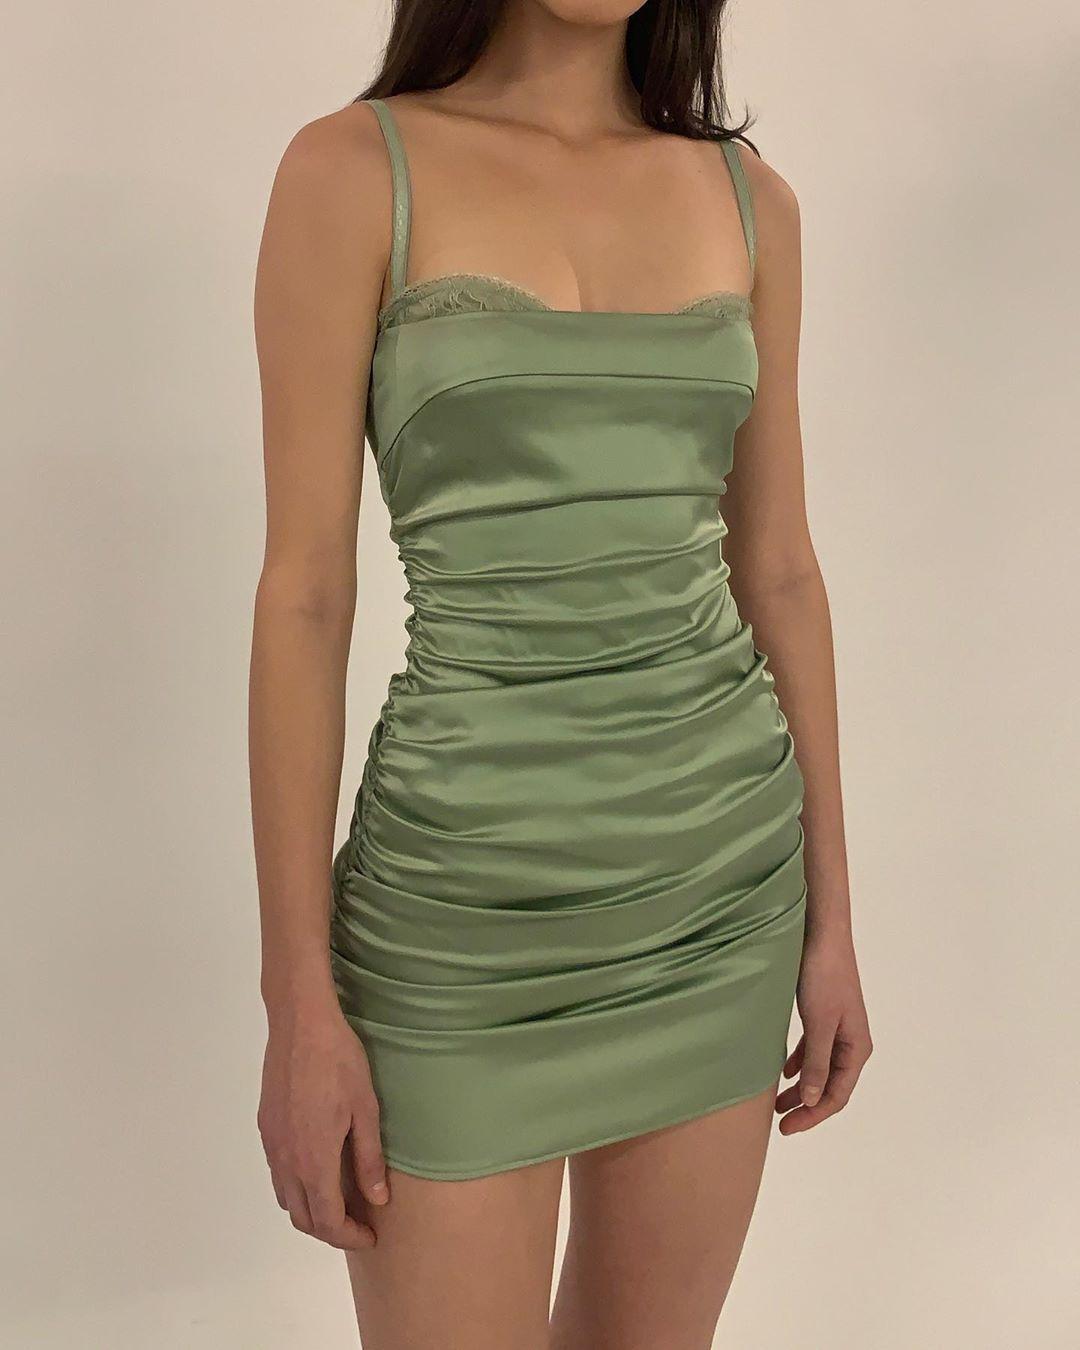 Olive green mini satin dress